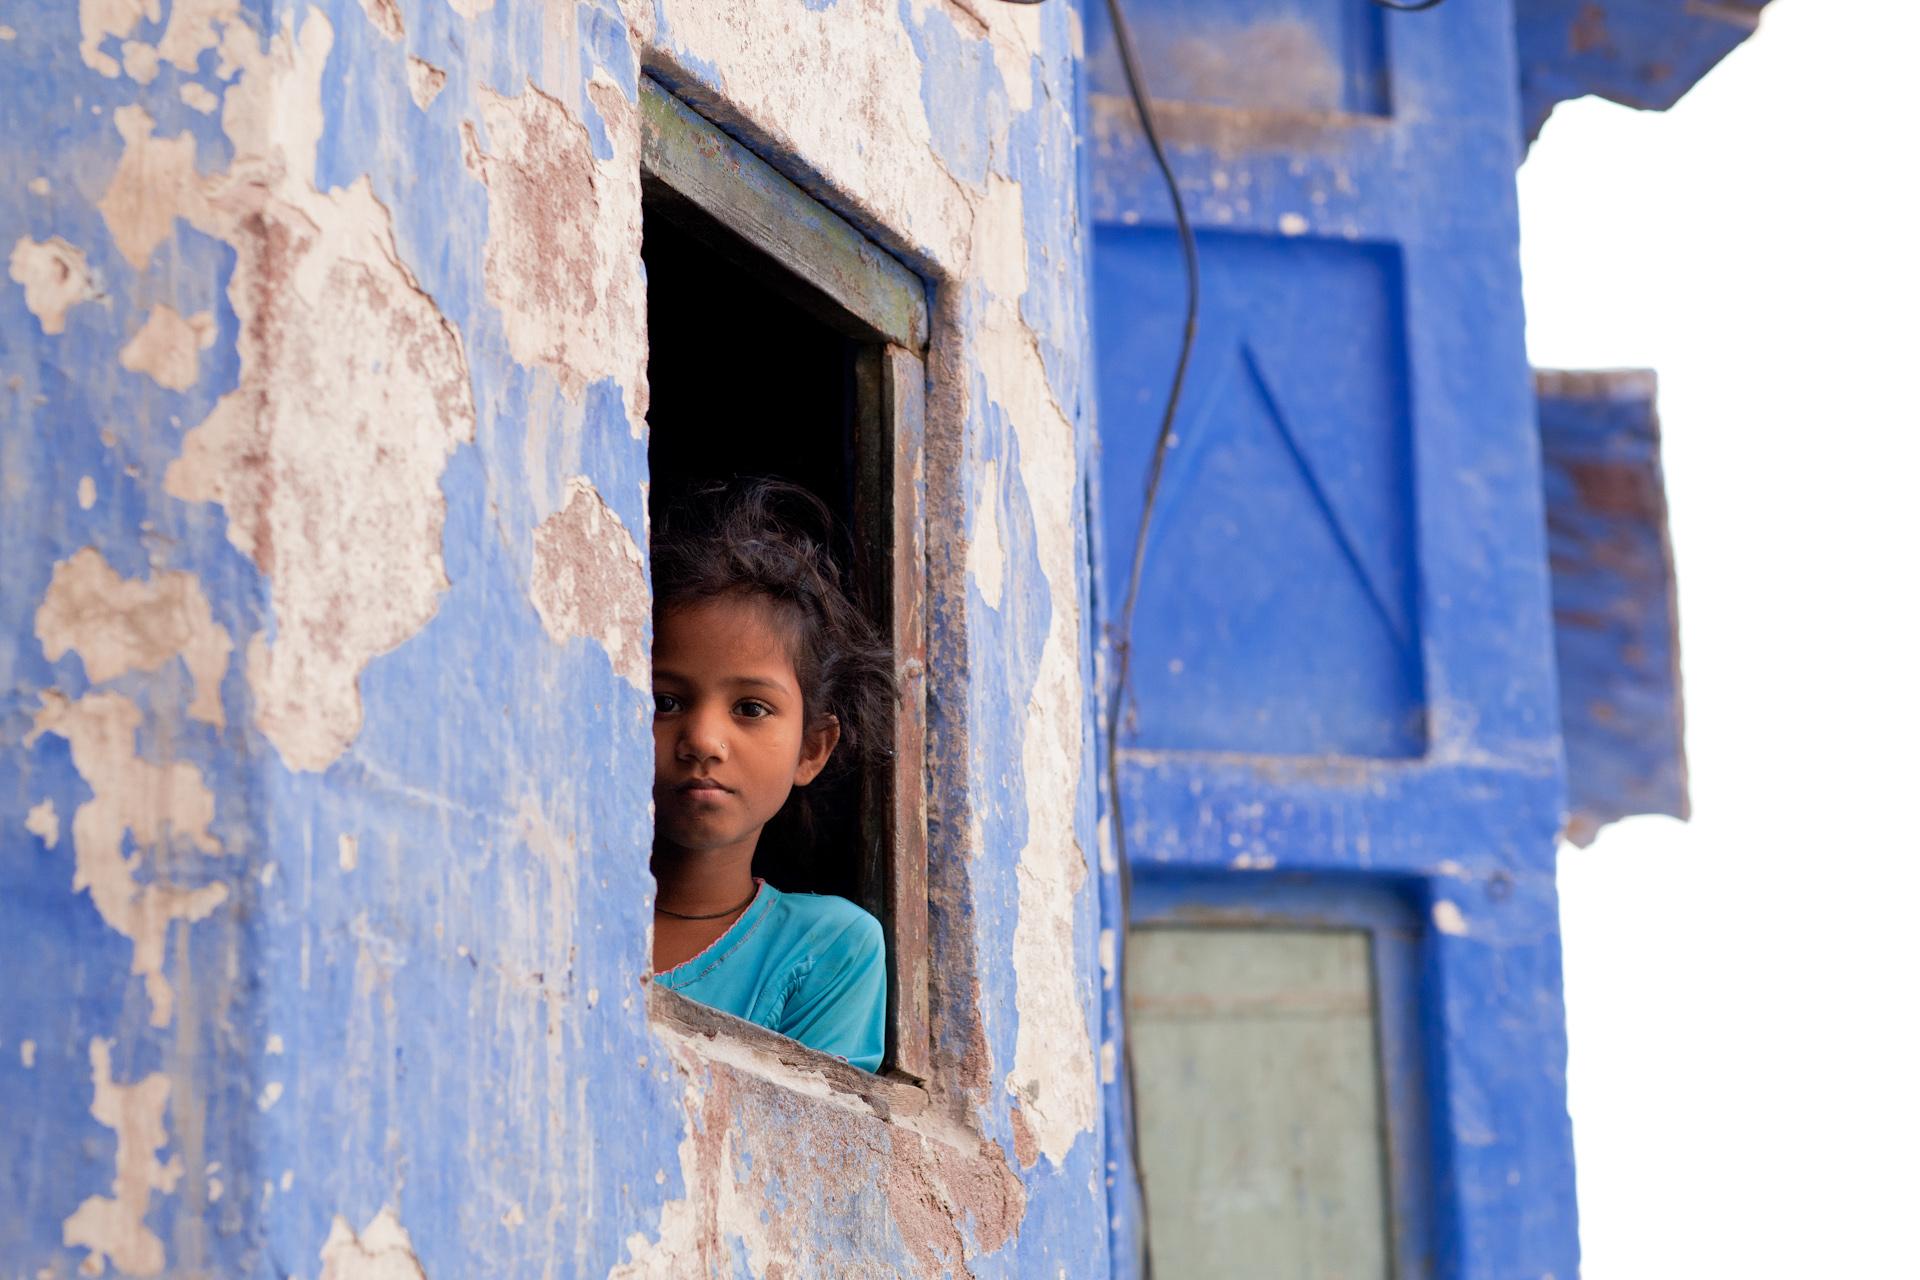 Jason_Bax_Travel_India-Rajasthan-Jodhpur_3.JPG